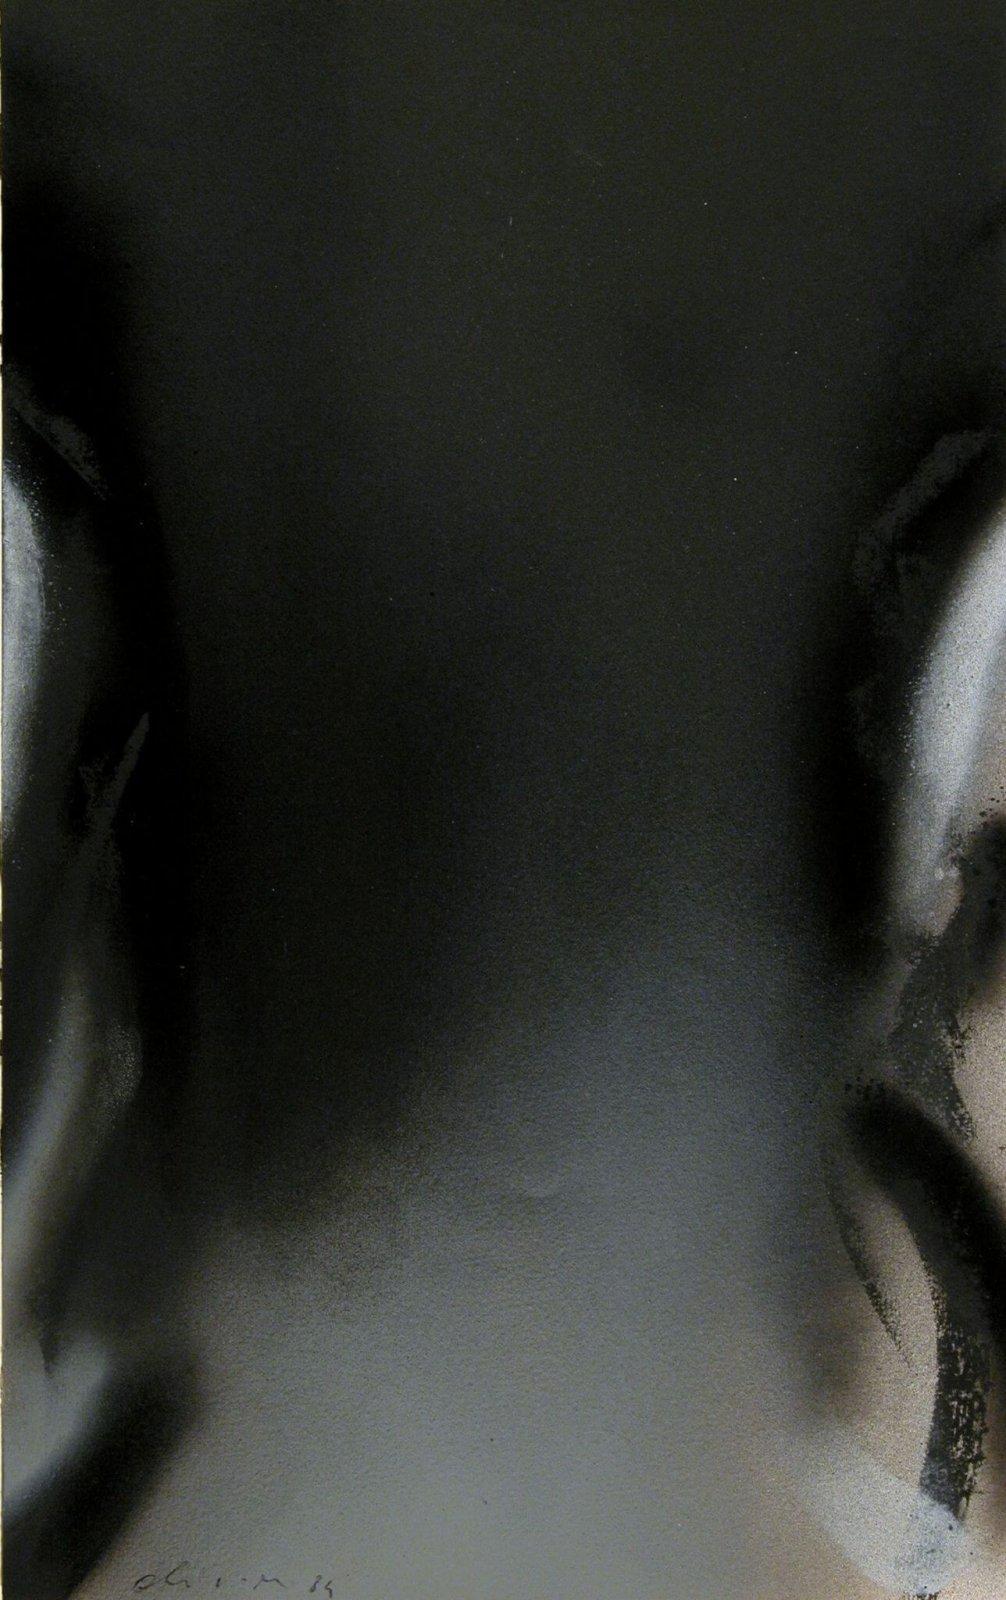 Claudio Olivieri, Senza titolo, 1984, acrilico e carboncino su carta, 325 x 205 mm, Collezione Galleria Civica di Modena.